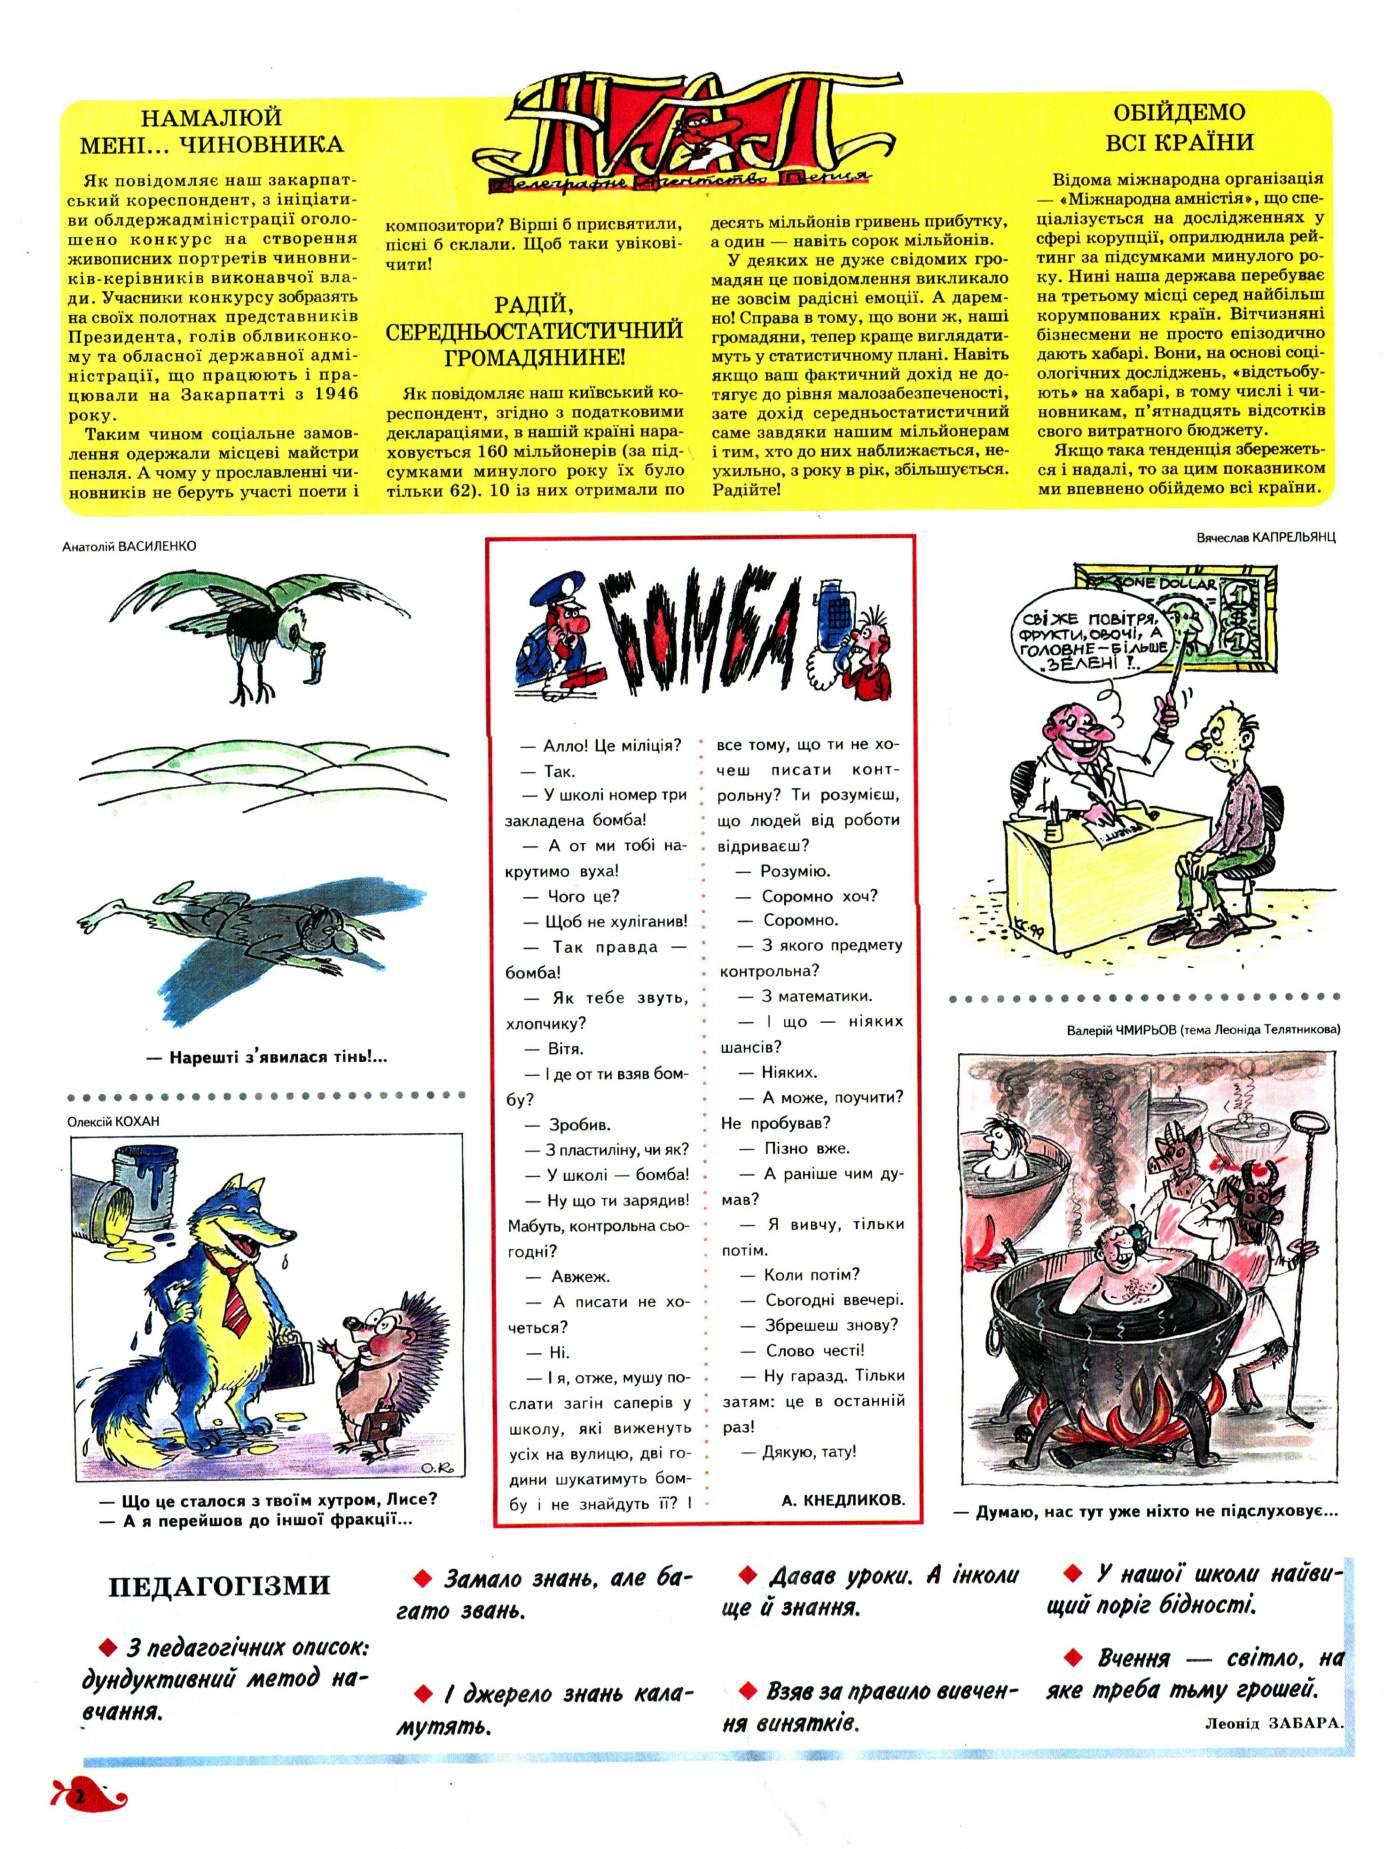 Журнал перець 2002 №09